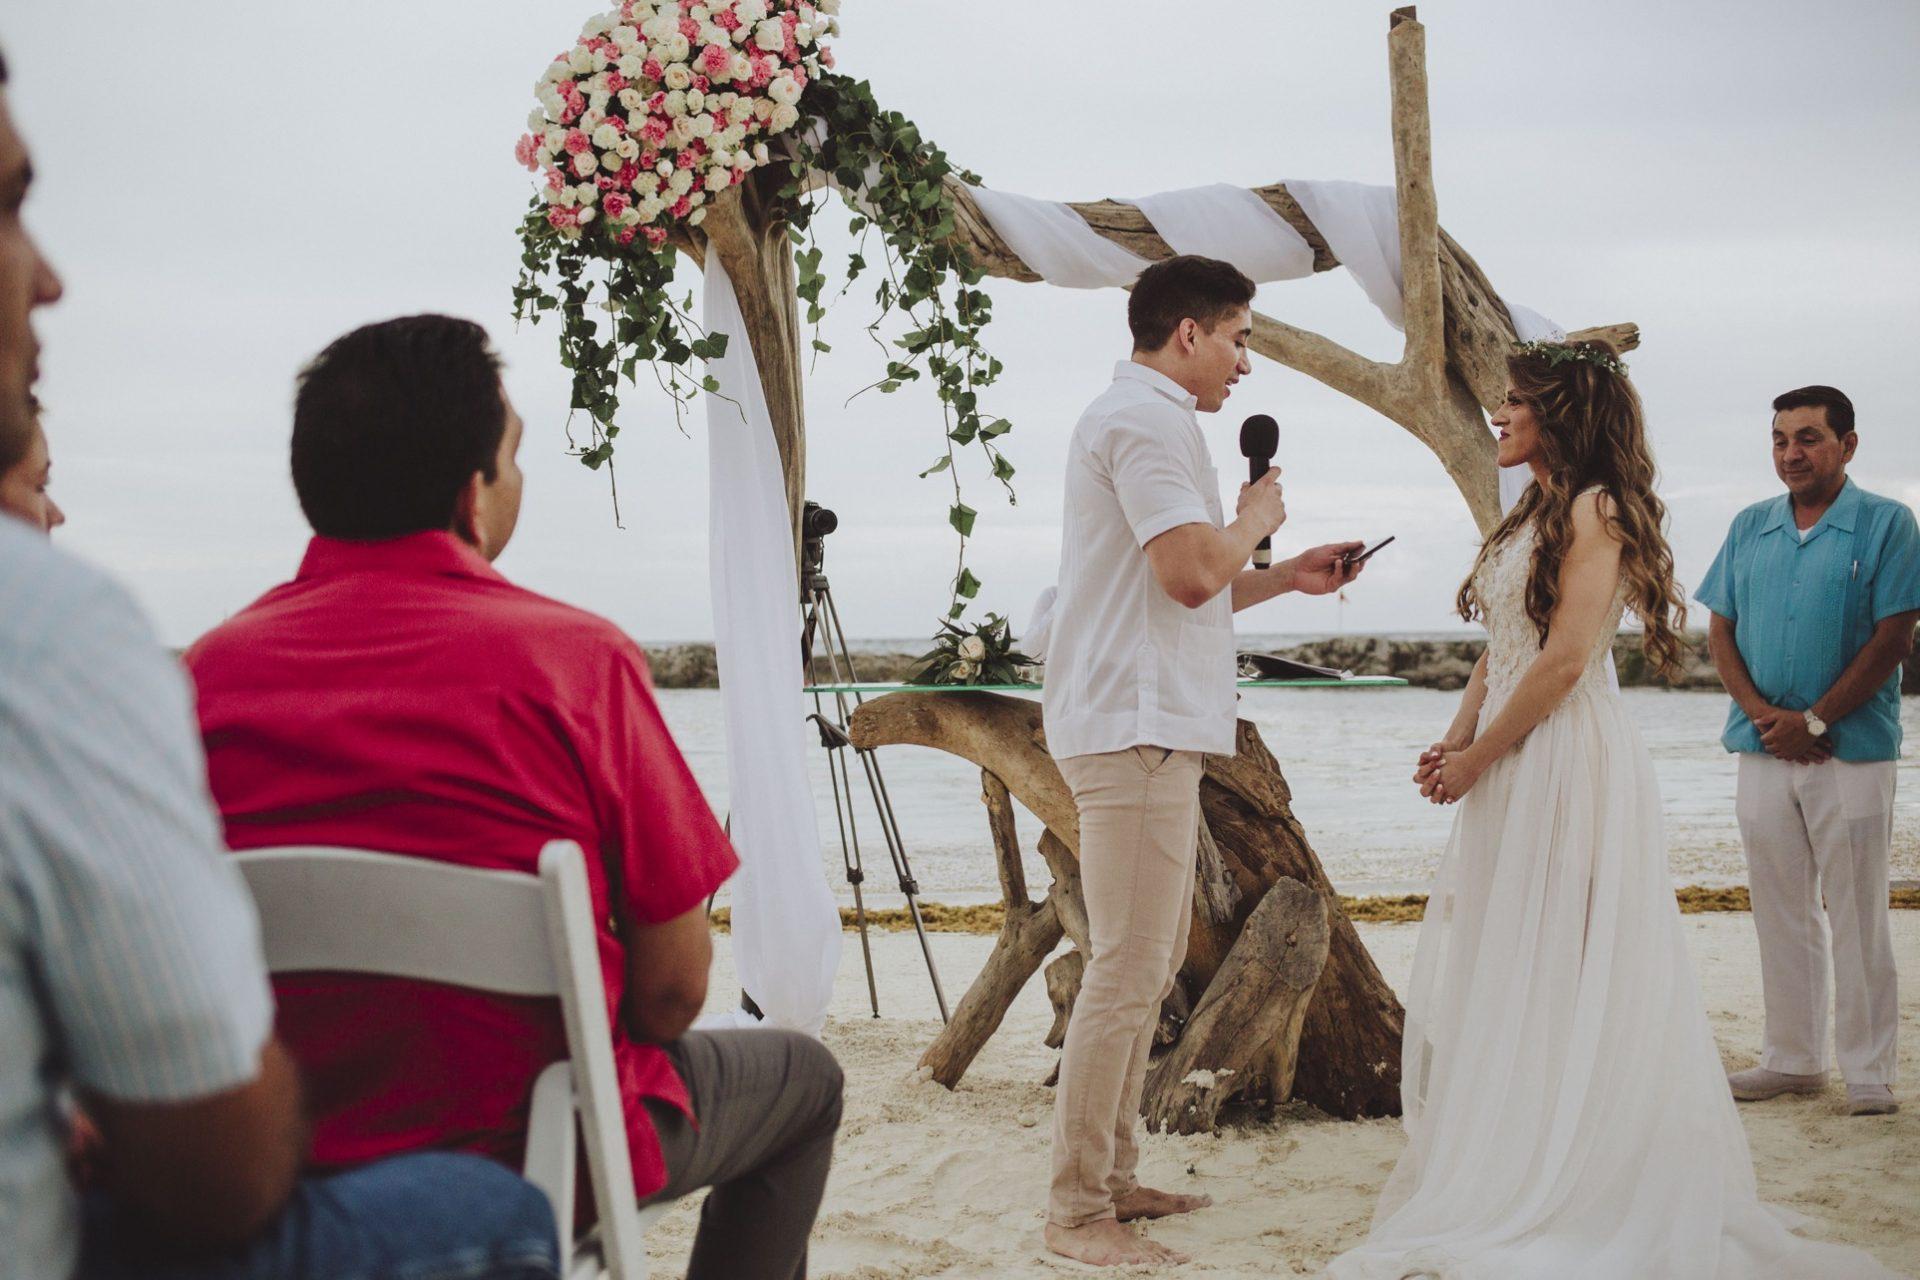 fotografo_bodas_profesional_zacatecas_riviera_maya_cancun-56